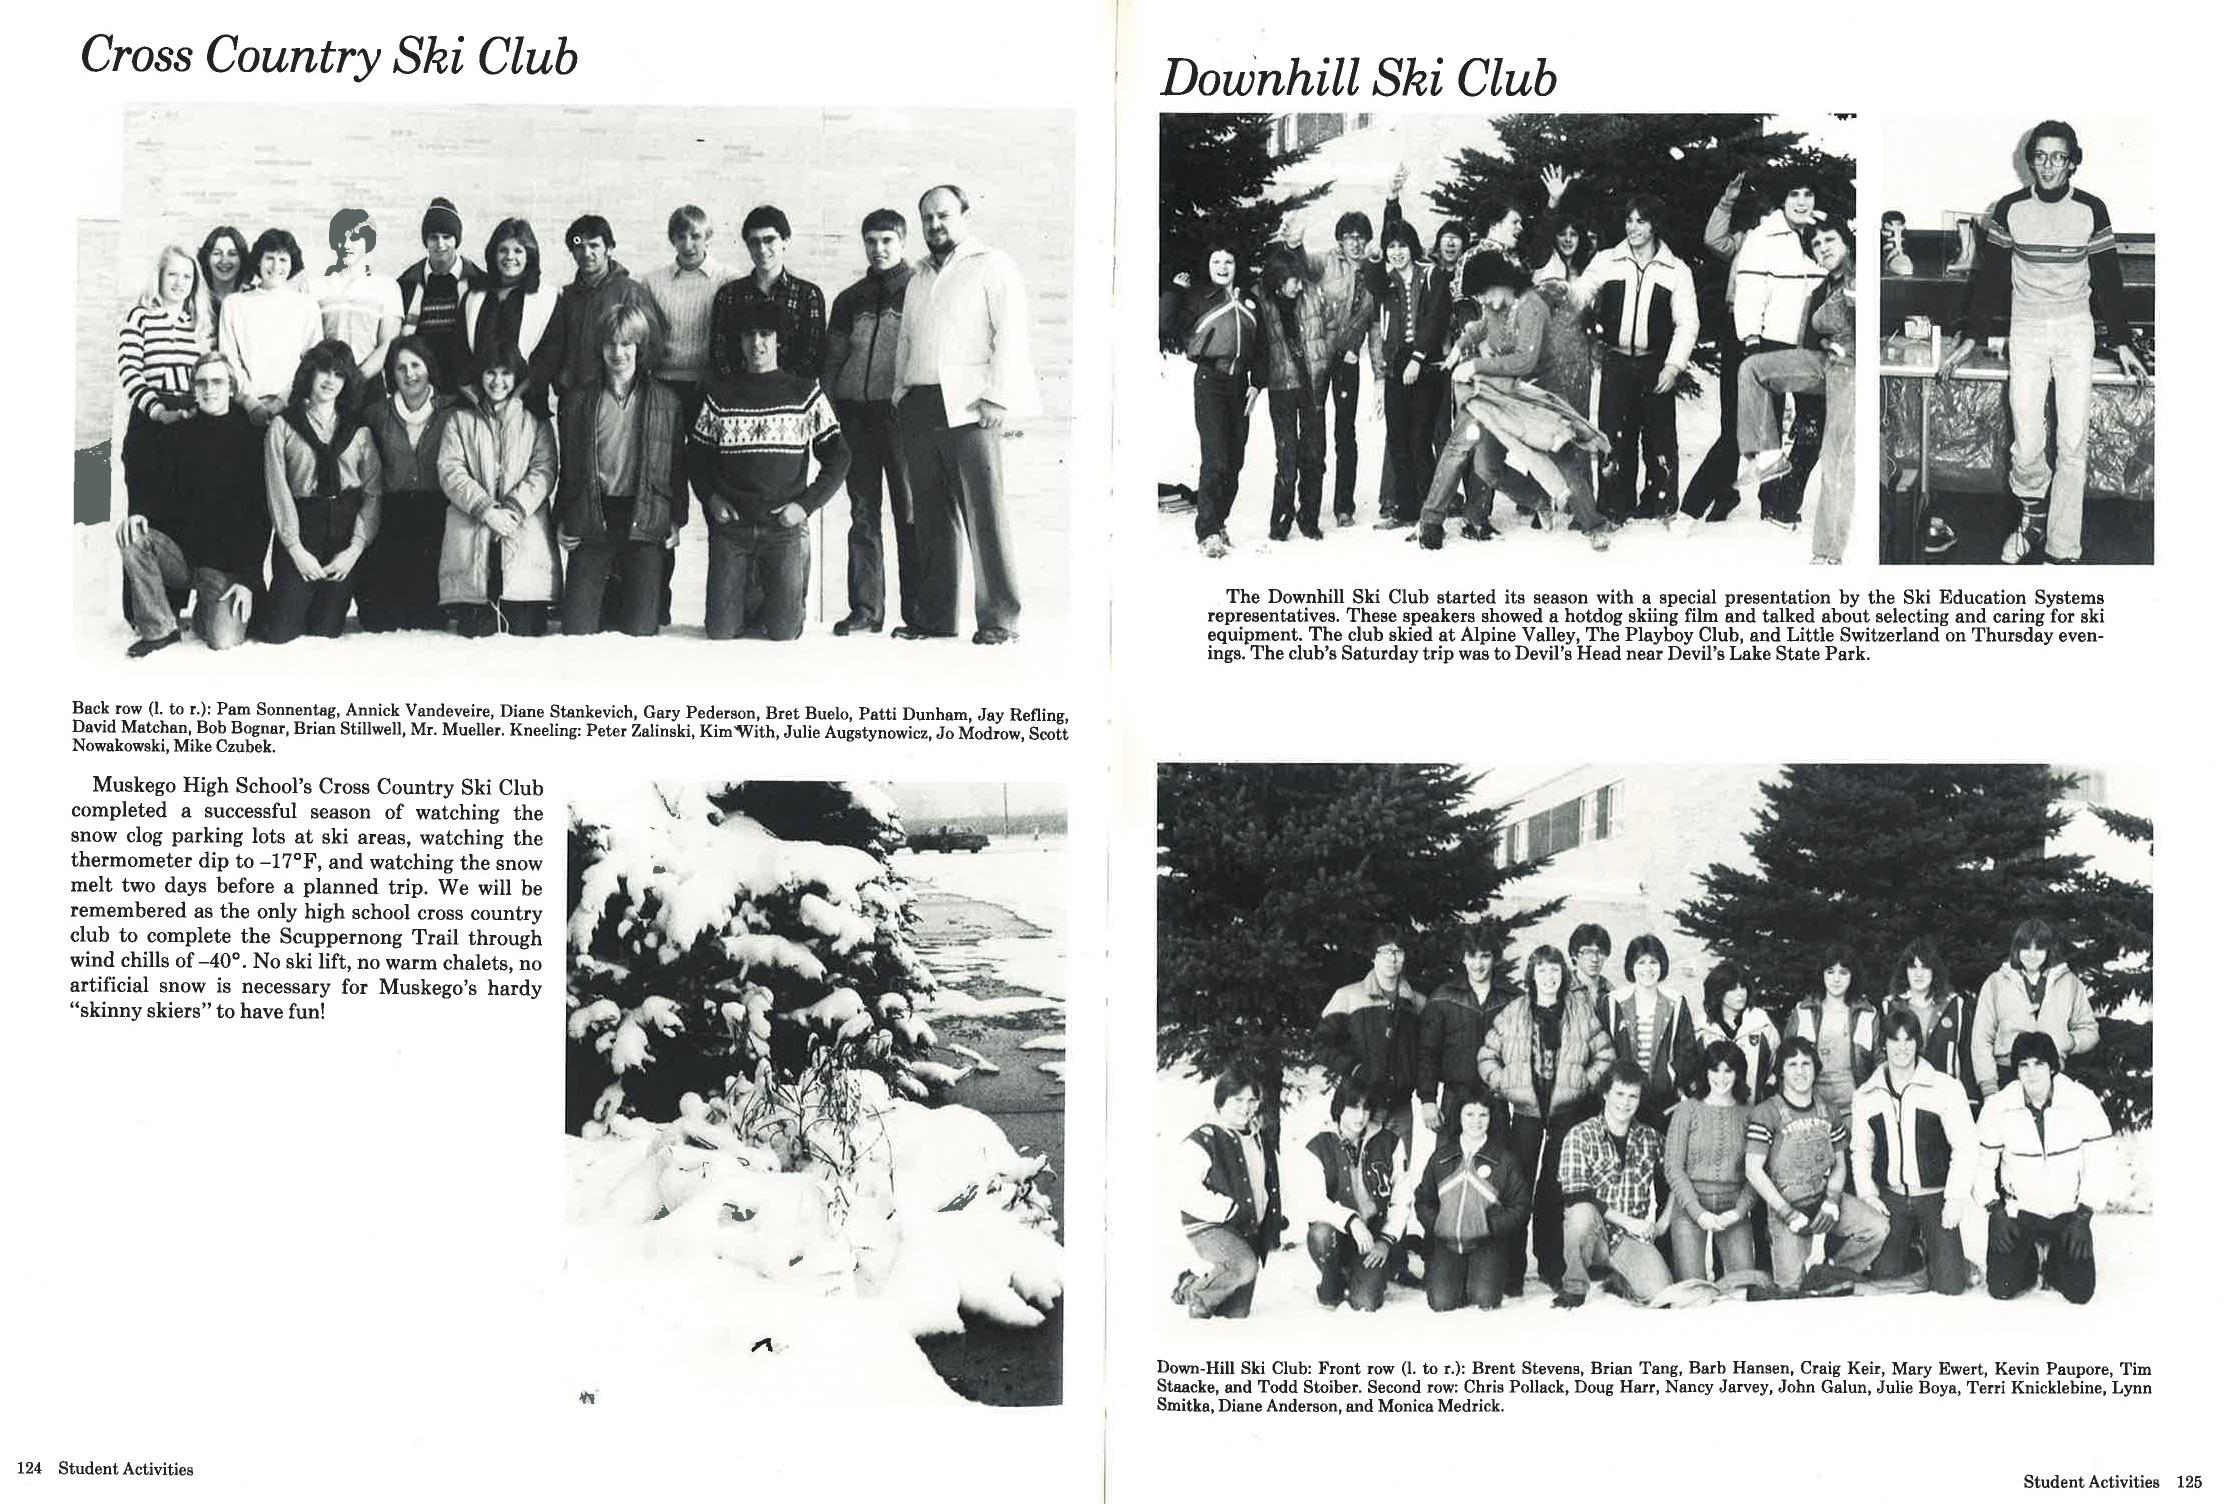 1982_Yearbook_124.jpg